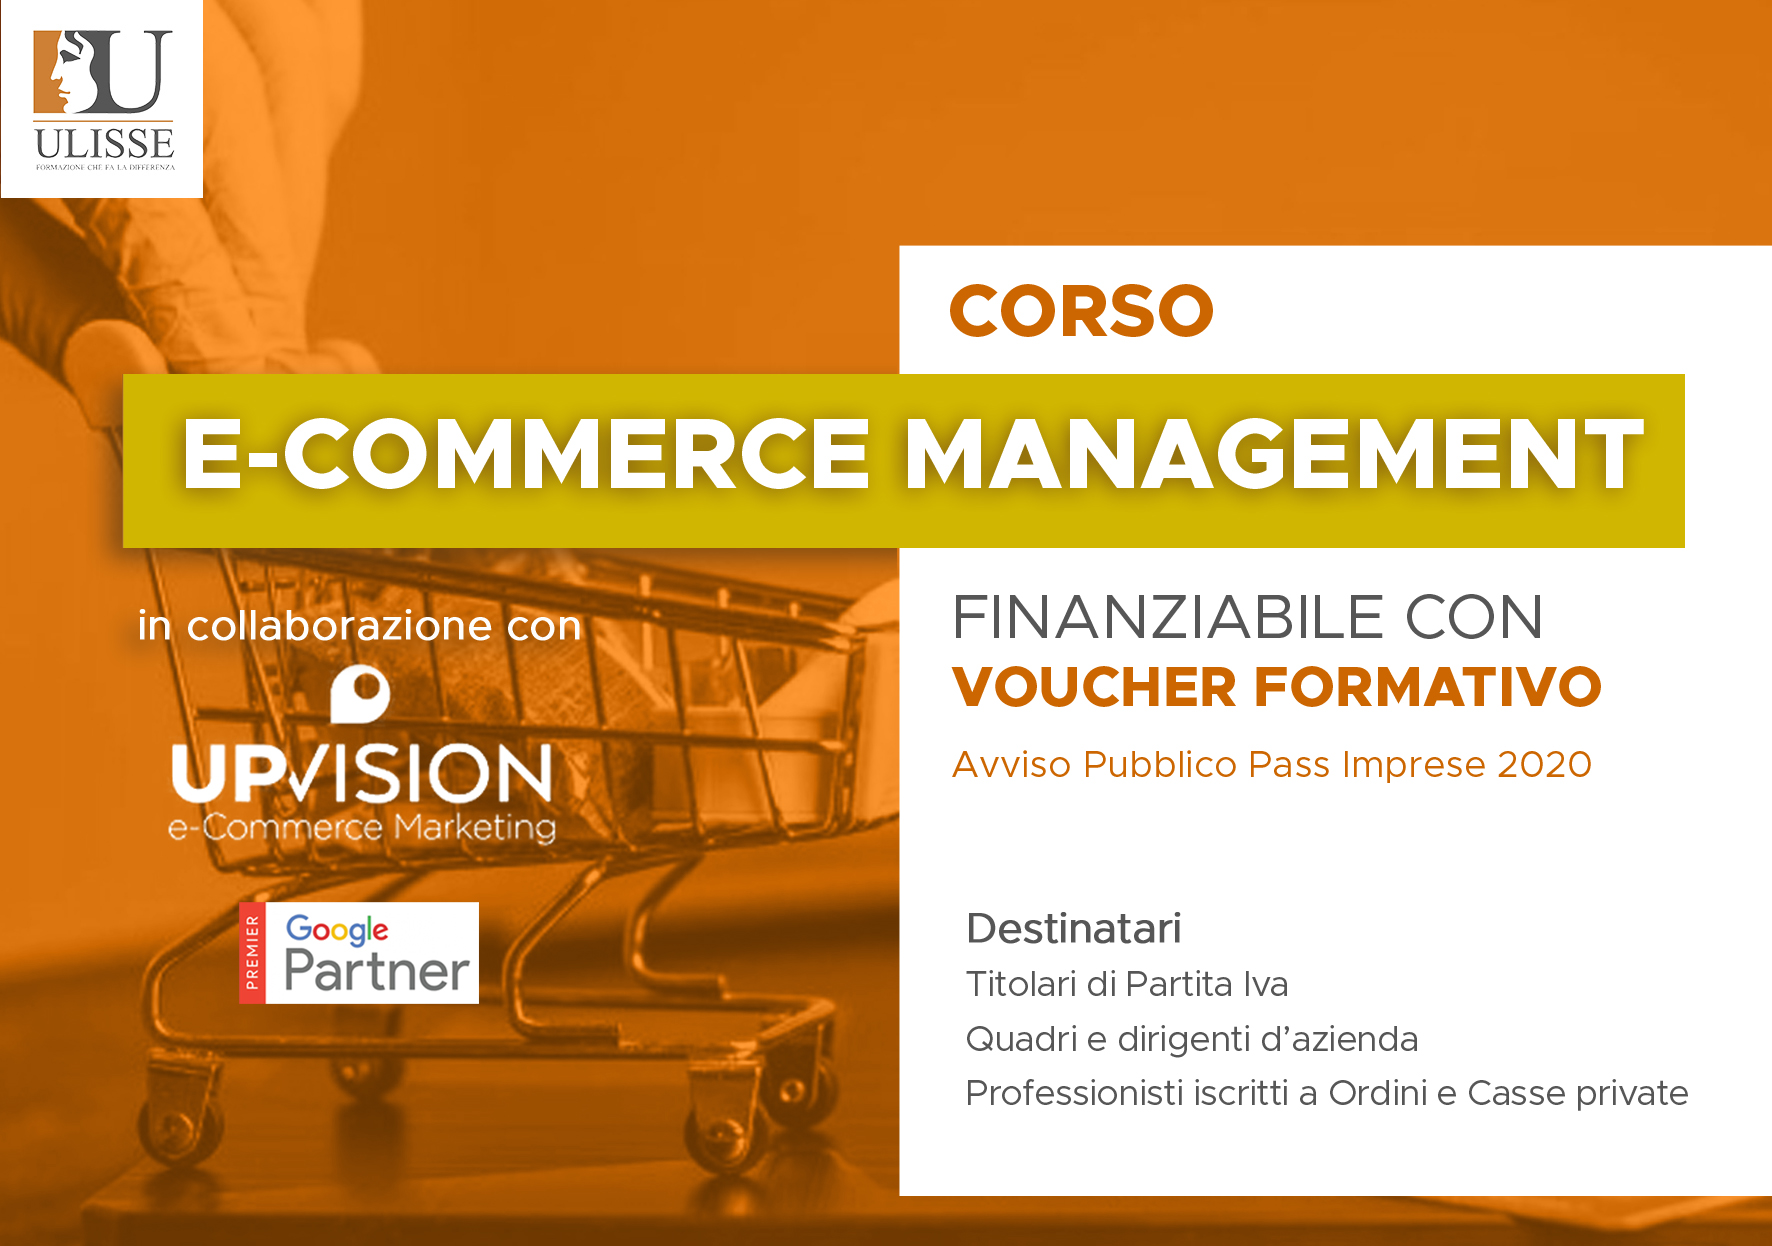 CORSO SU E-COMMERCE MANAGEMENT